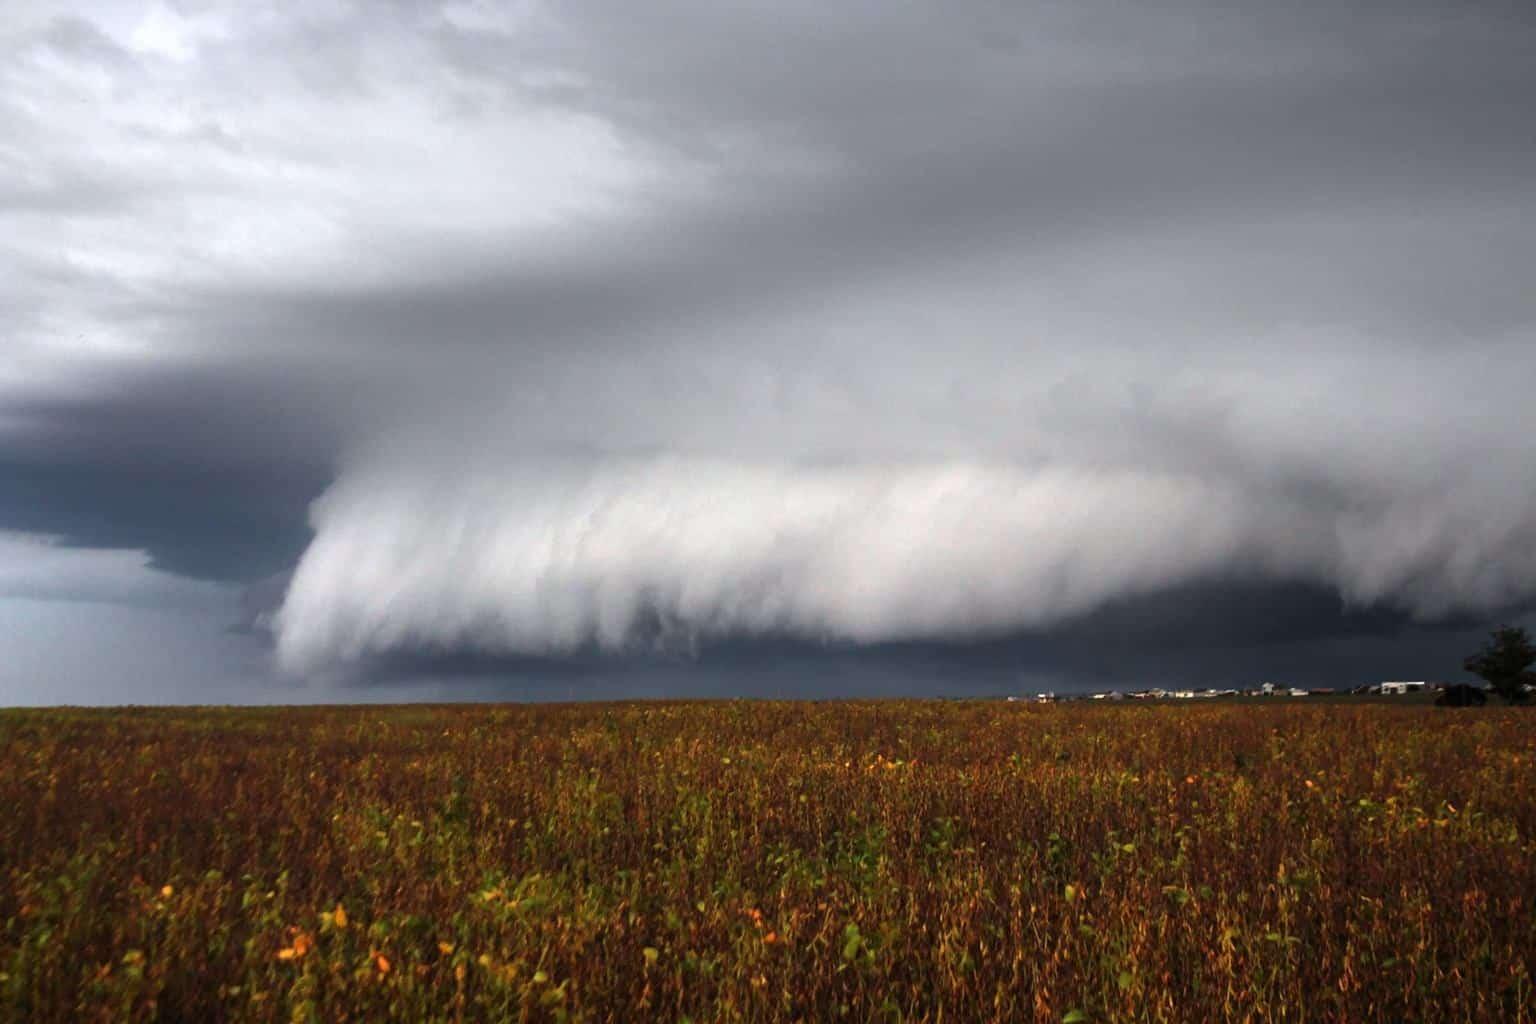 Arcus Cloud in Maringá/Paraná, South of Brazil - 27/02/2016